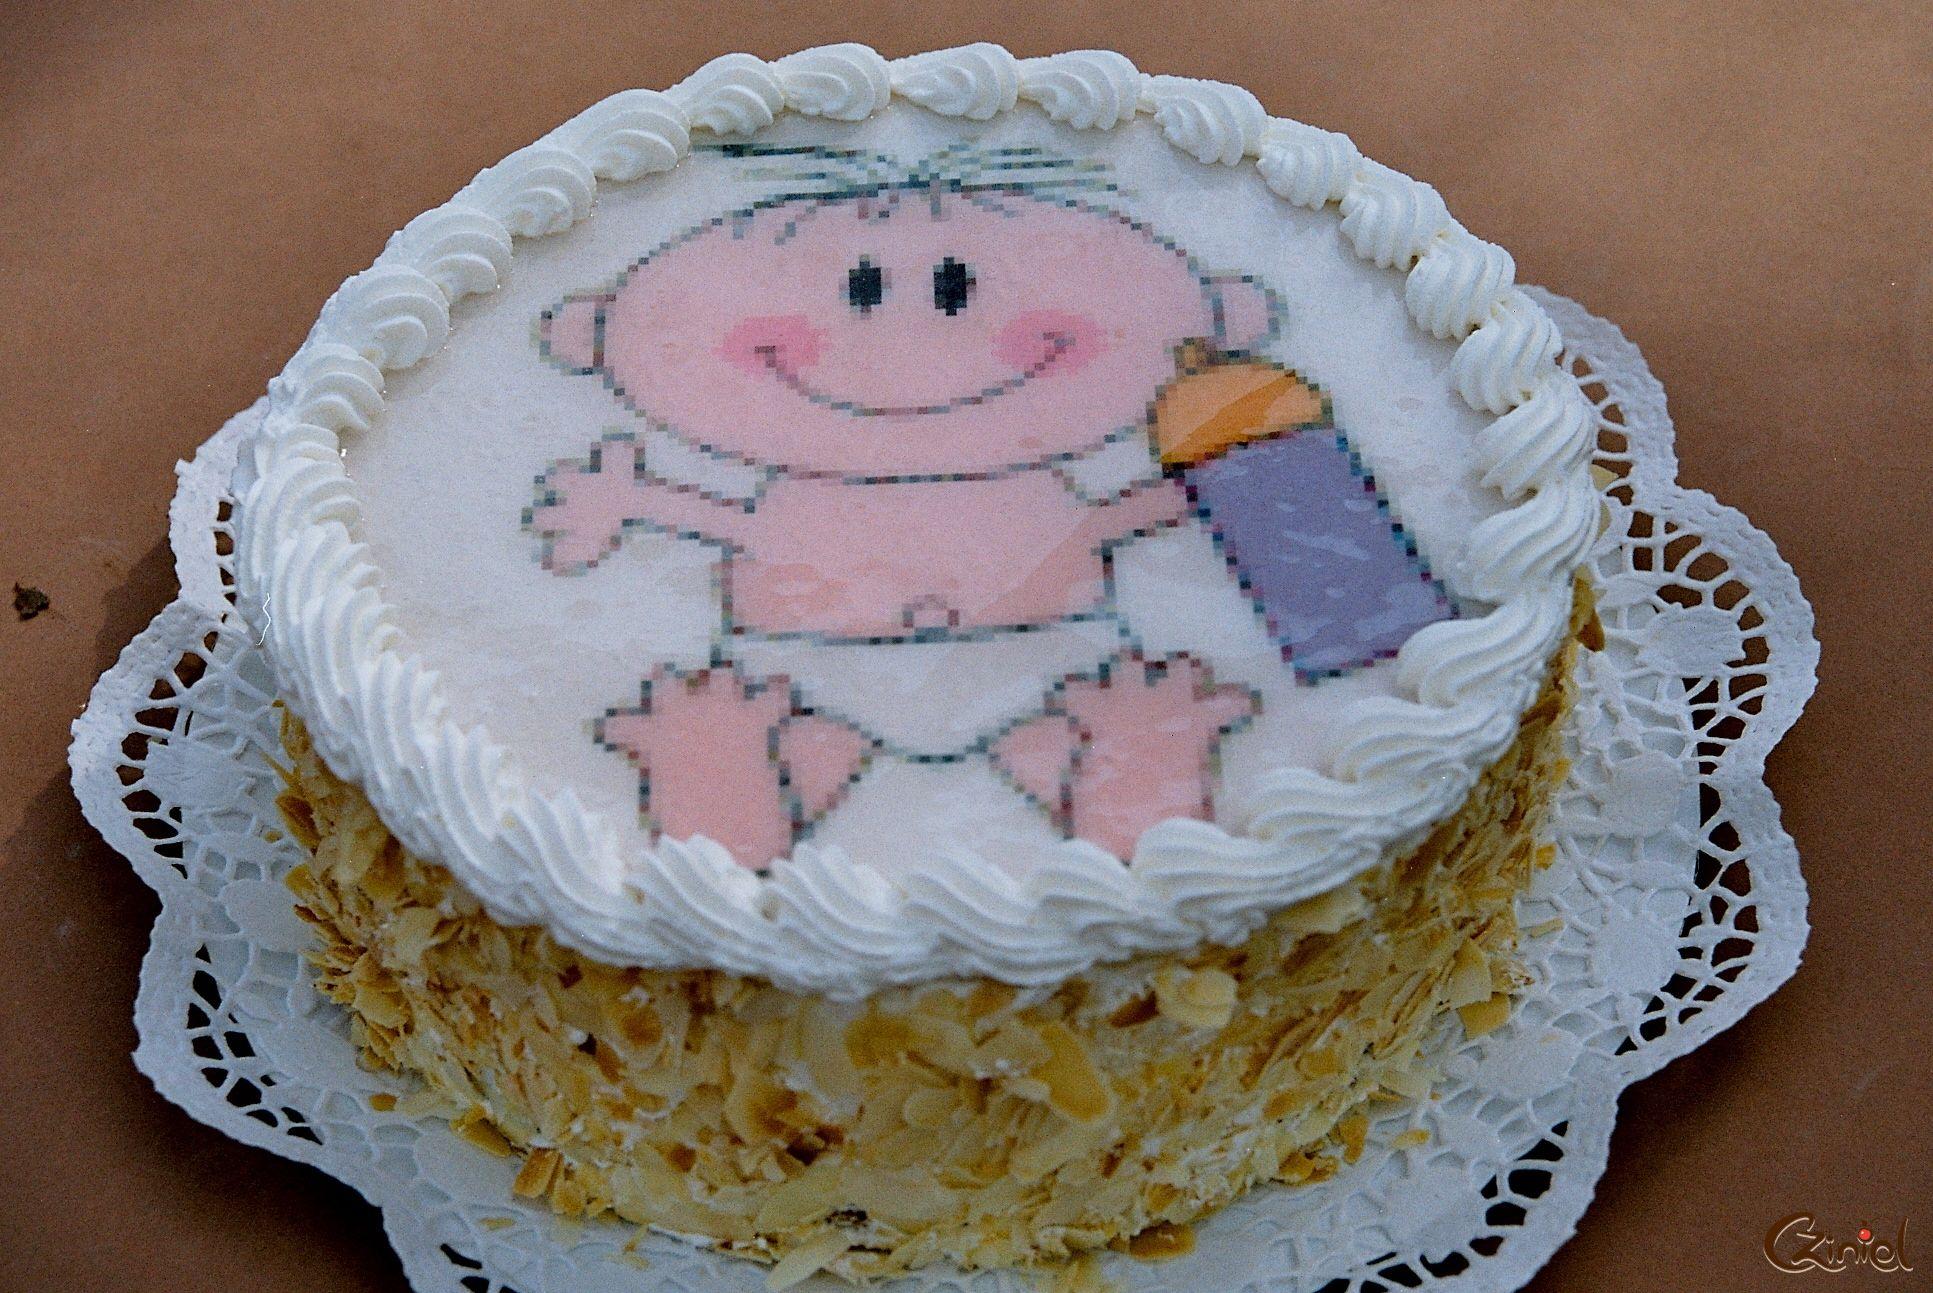 cziniel esküvői torta Fényképes torta 258   Cziniel Cukrászda | Torták | Pinterest cziniel esküvői torta